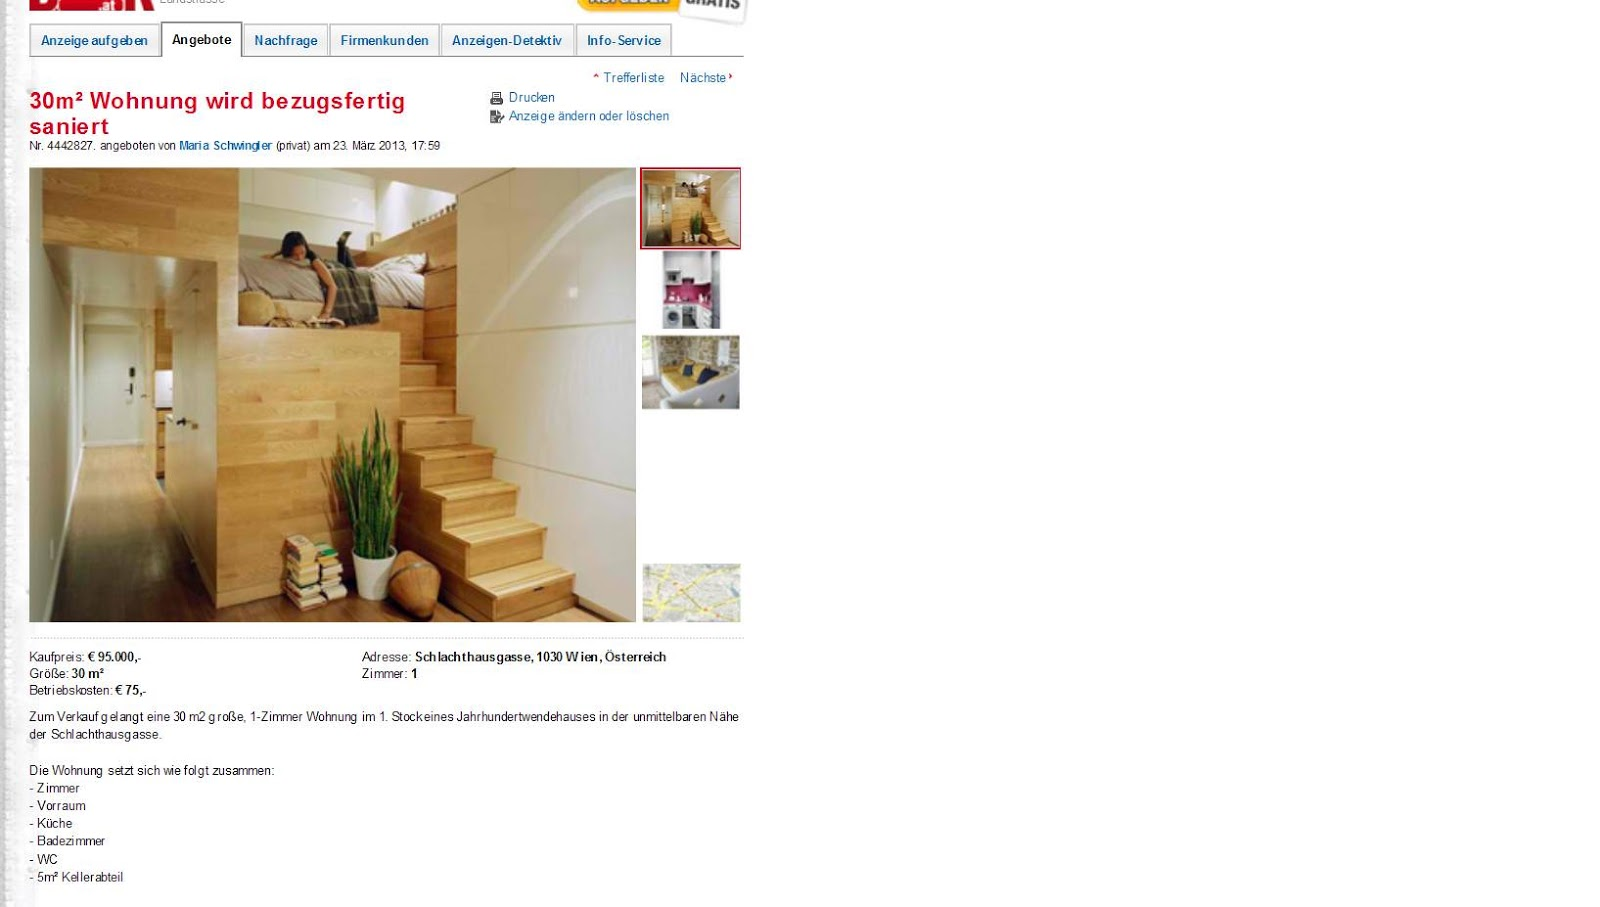 30m wohnung wird bezugsfertig saniert schlachthausgasse 1030 wien. Black Bedroom Furniture Sets. Home Design Ideas